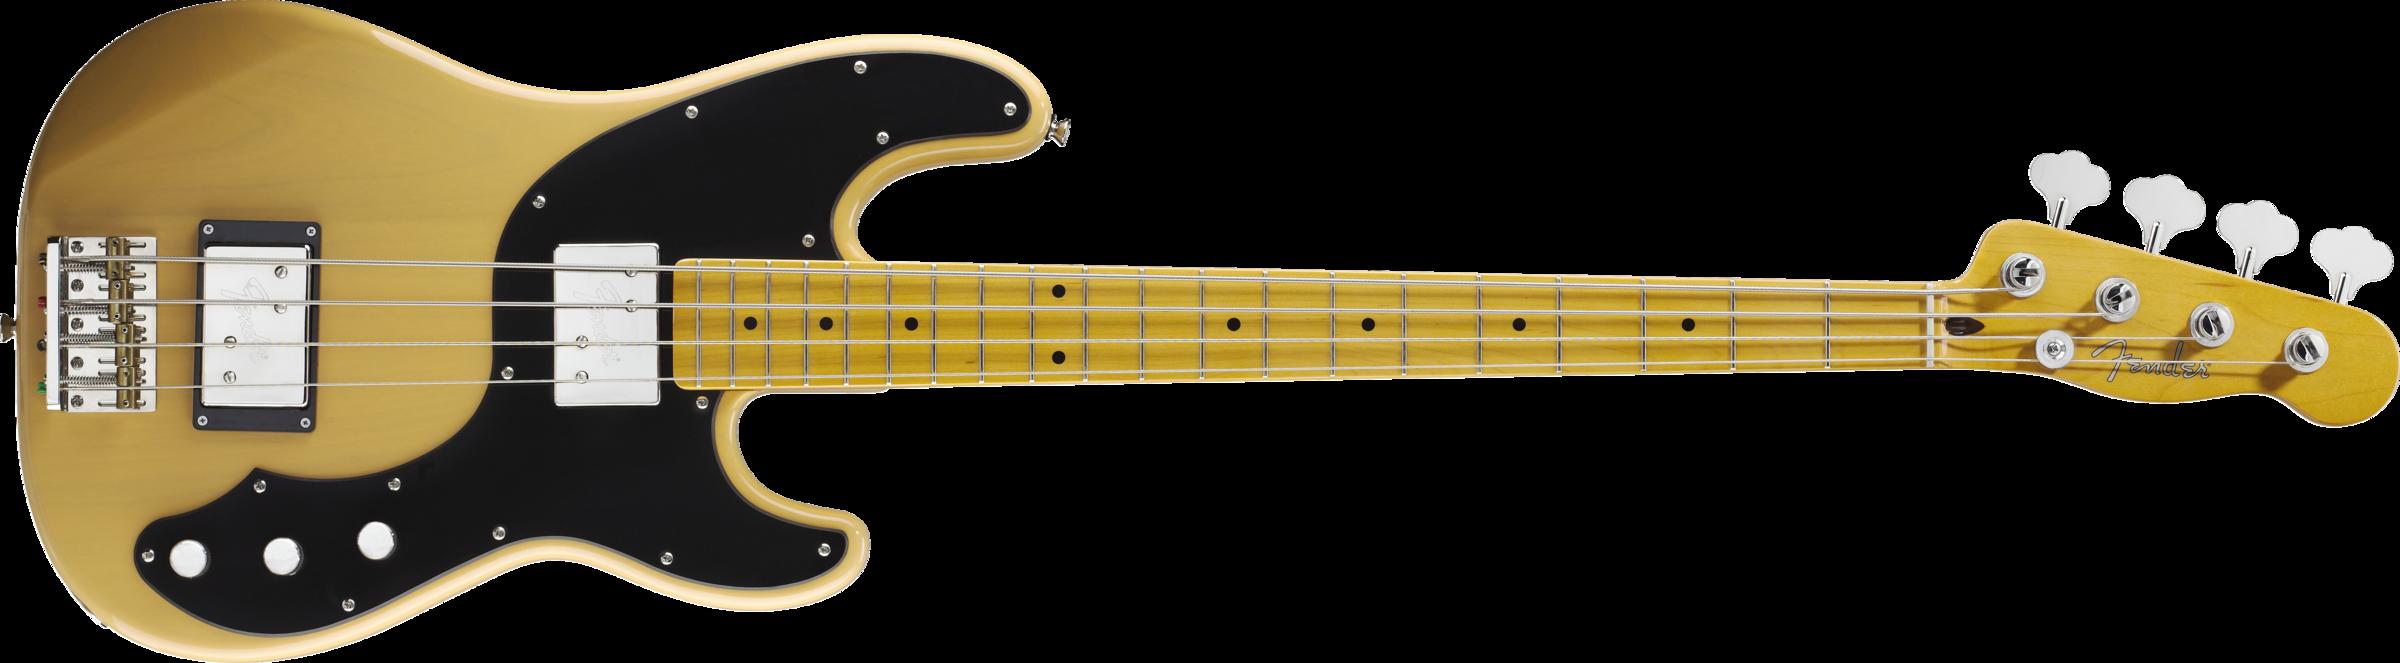 Modern Player Telecaster Bass Maple Fingerboard Butterscotch Blonde Telecaster Bass Guitar Acoustic Bass Guitar